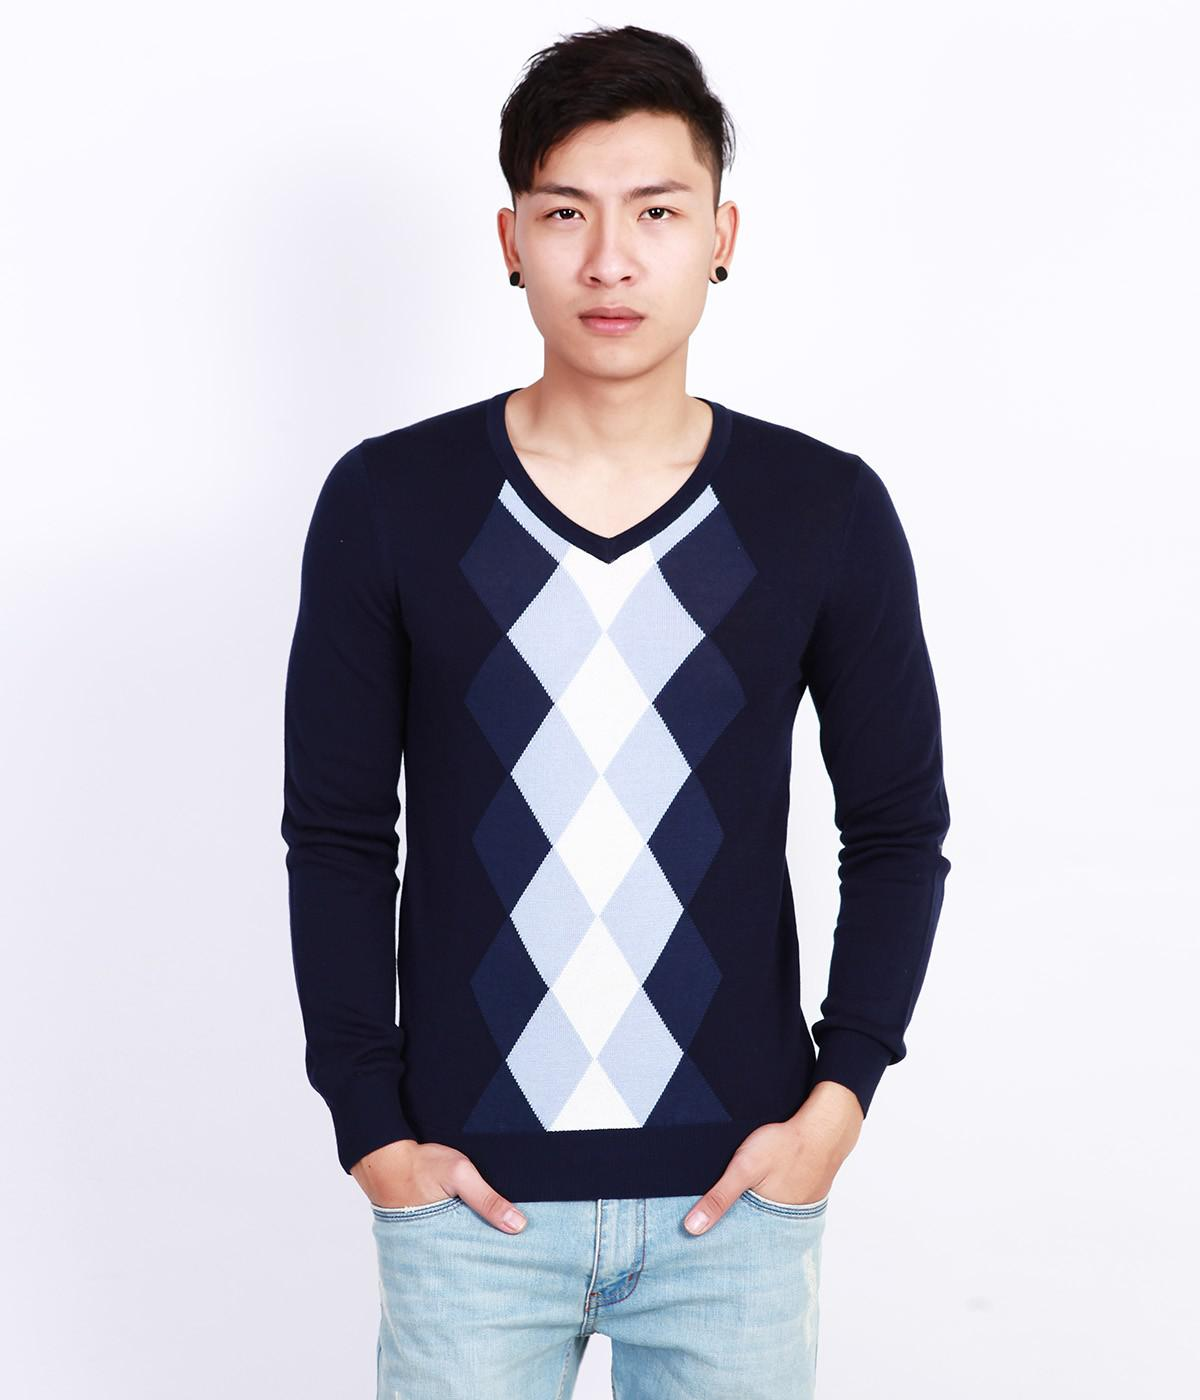 Áo len nam cổ tim mỏng, dệt hình trám 3 màu